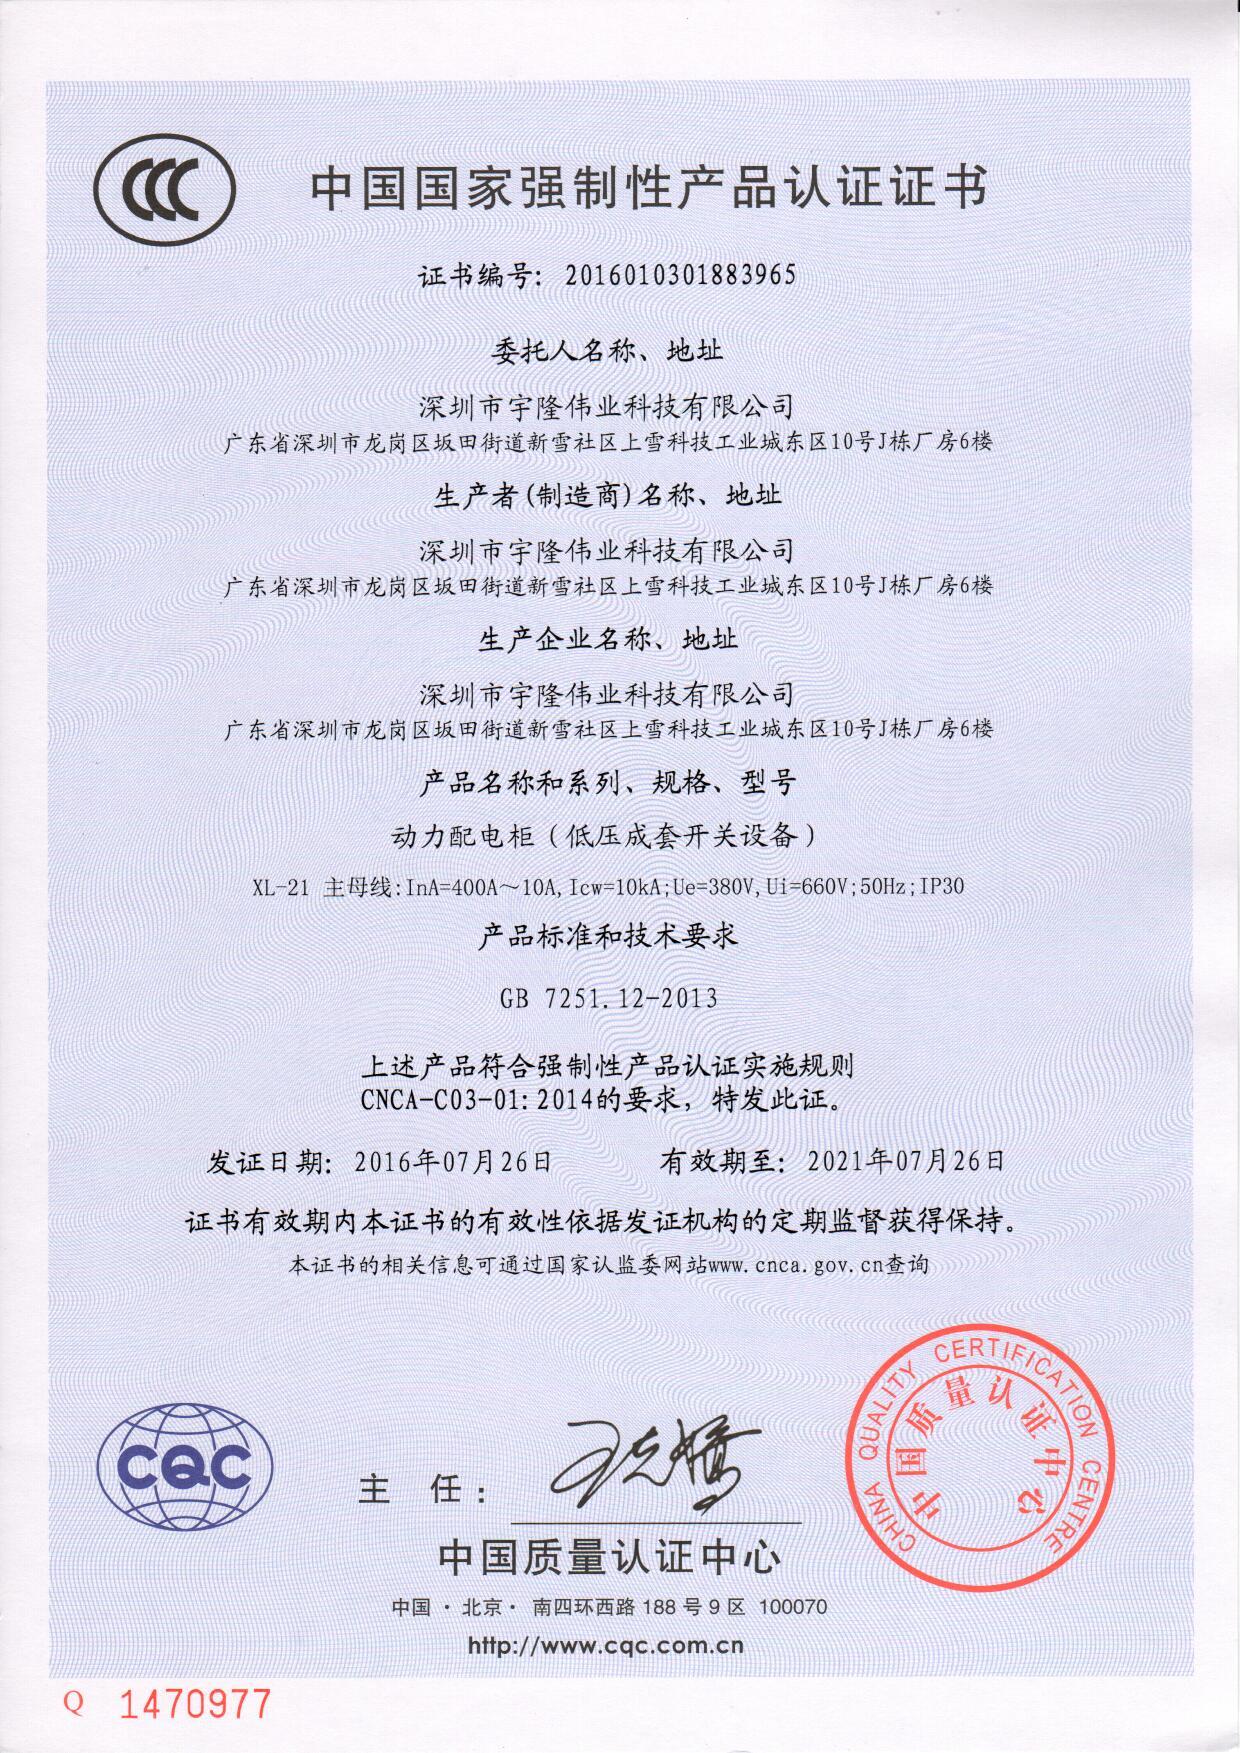 3C-XL-21证书